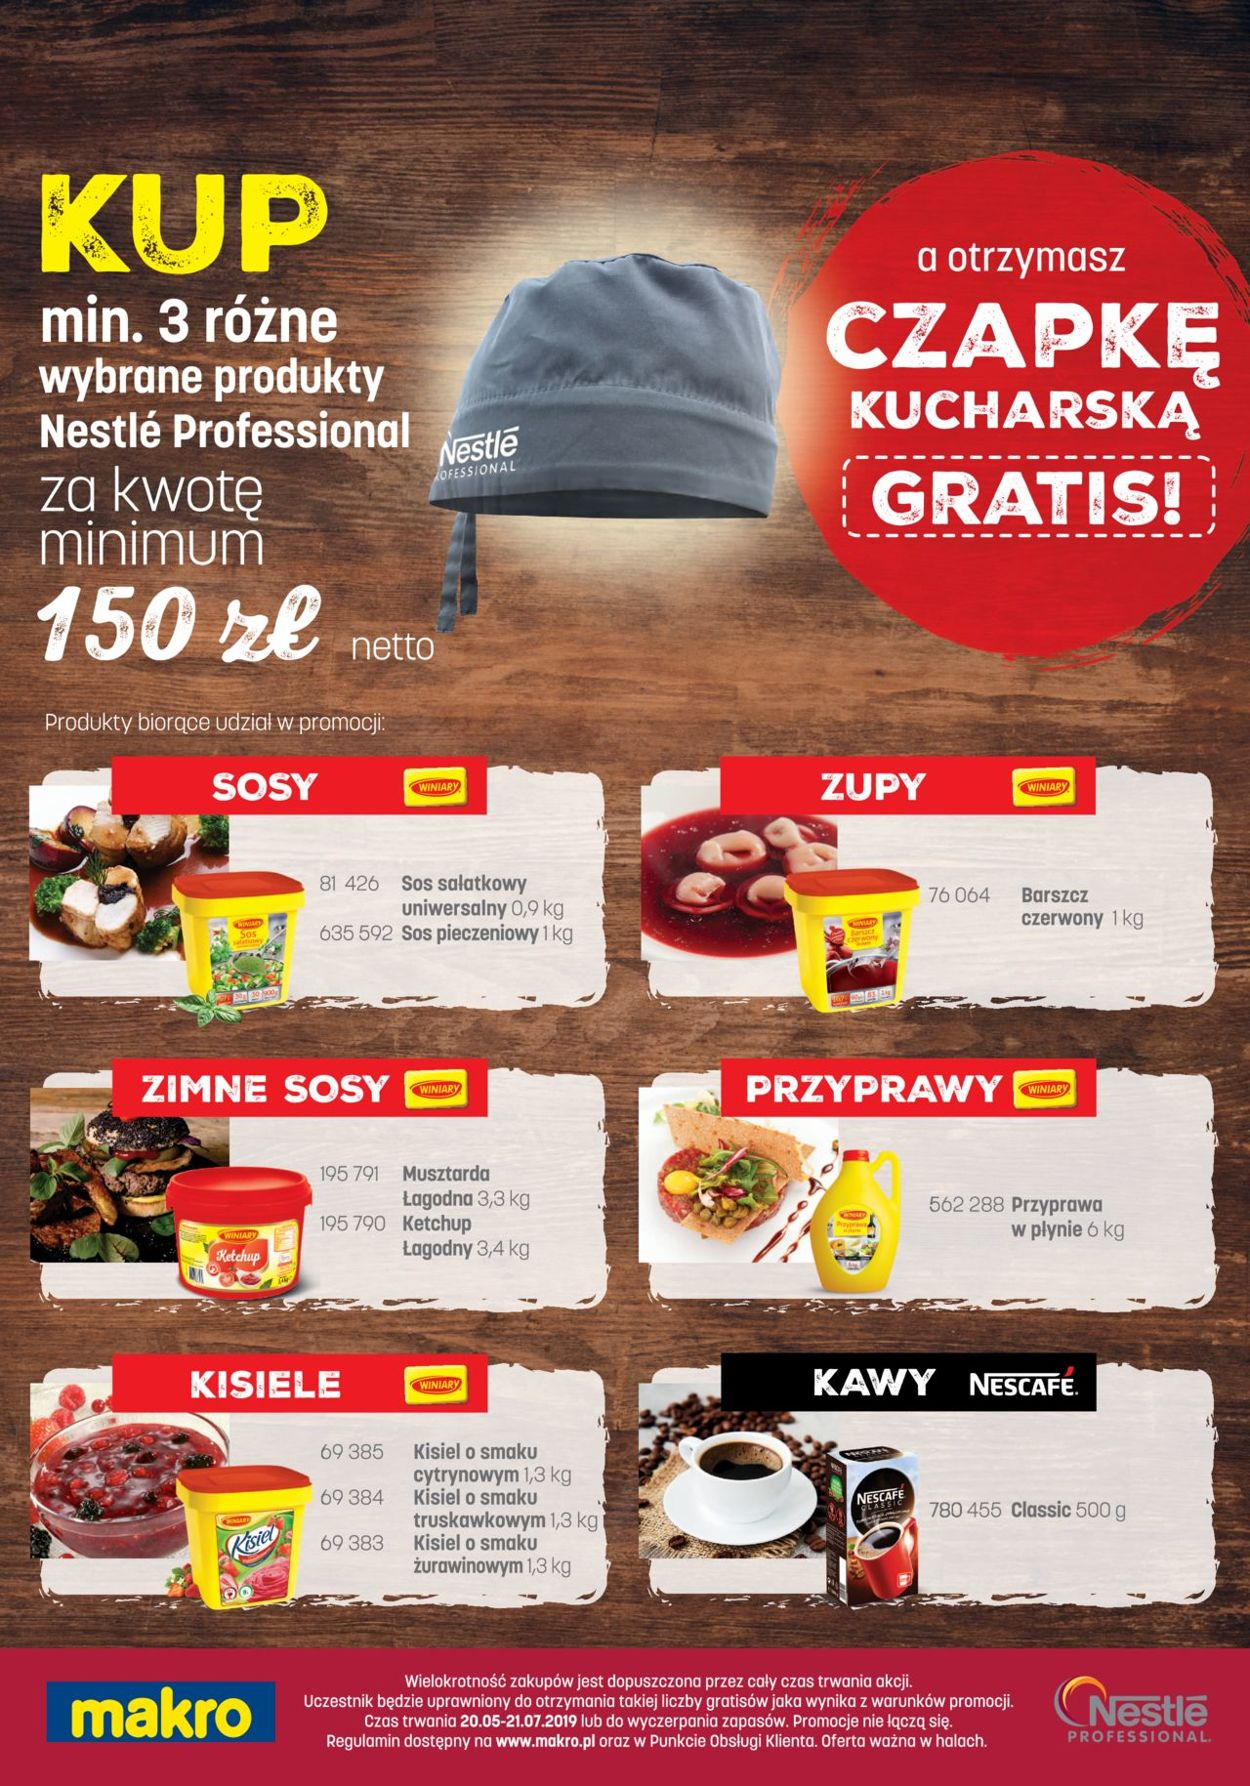 Gazetka promocyjna Makro - 21.05-31.07.2019